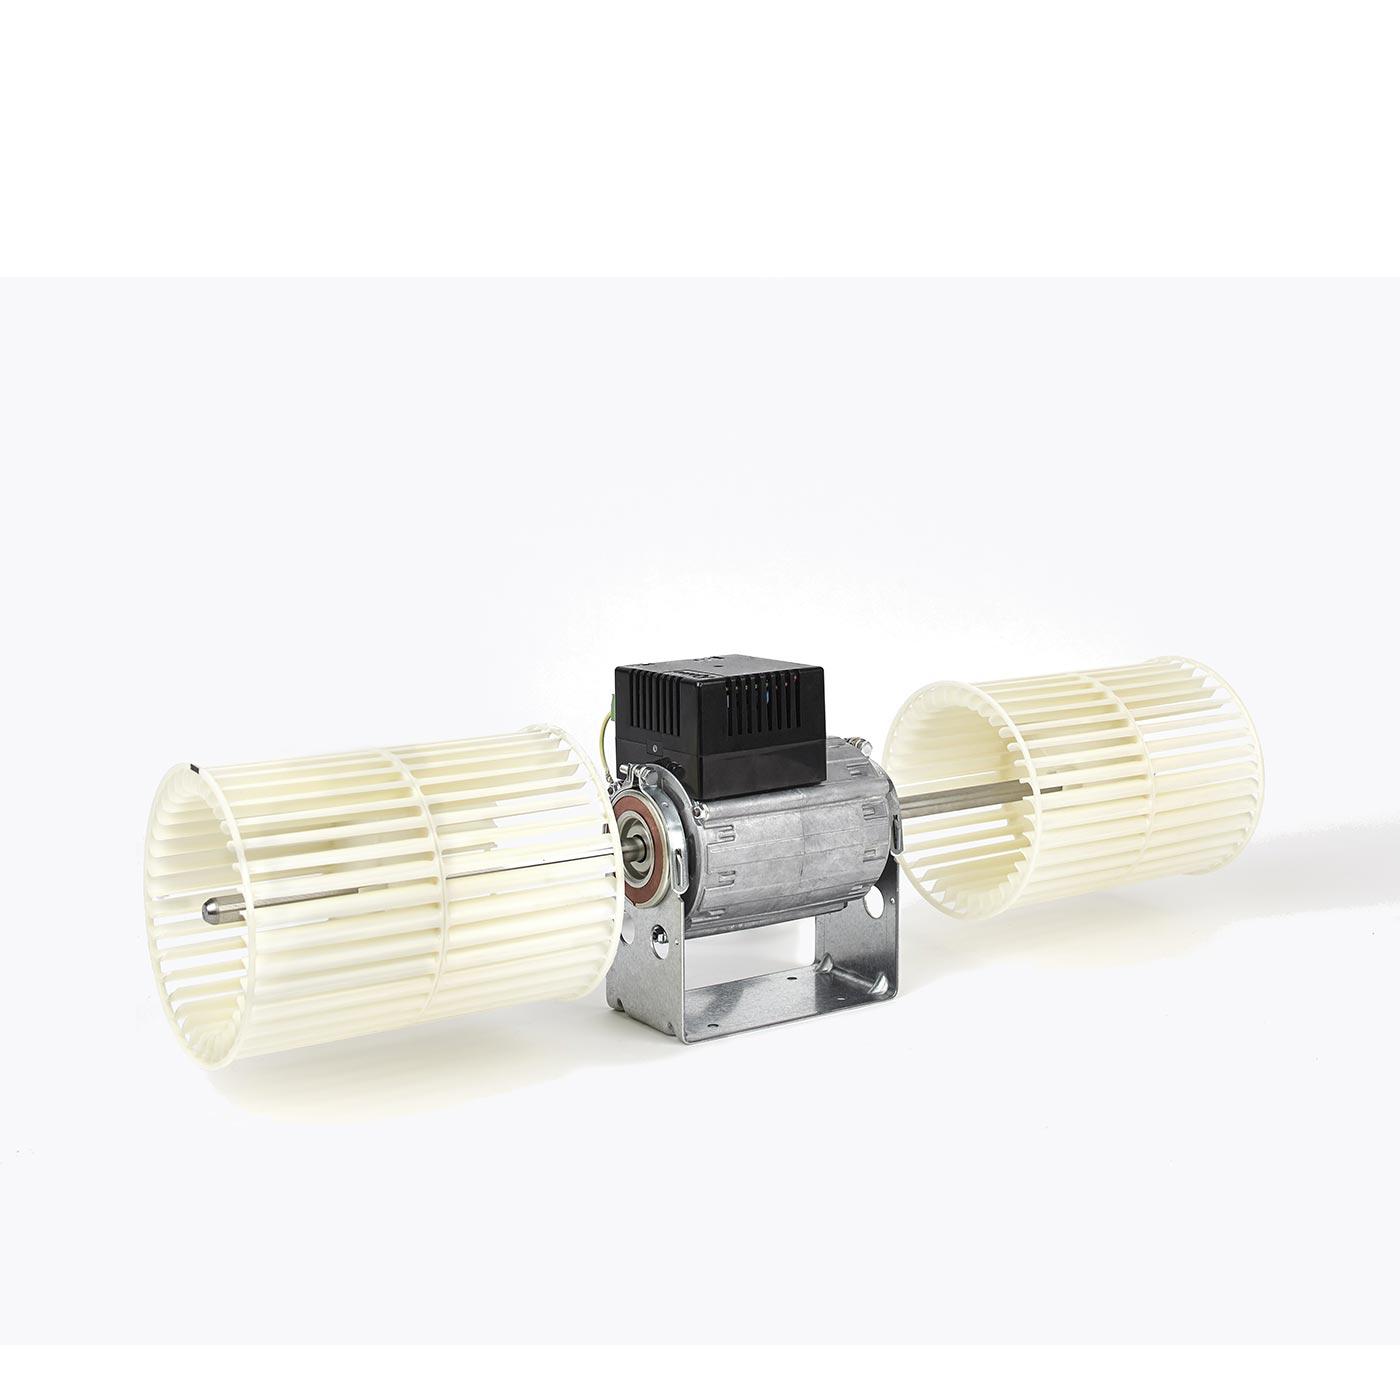 Motore brushless con inverter incorporato - RPM